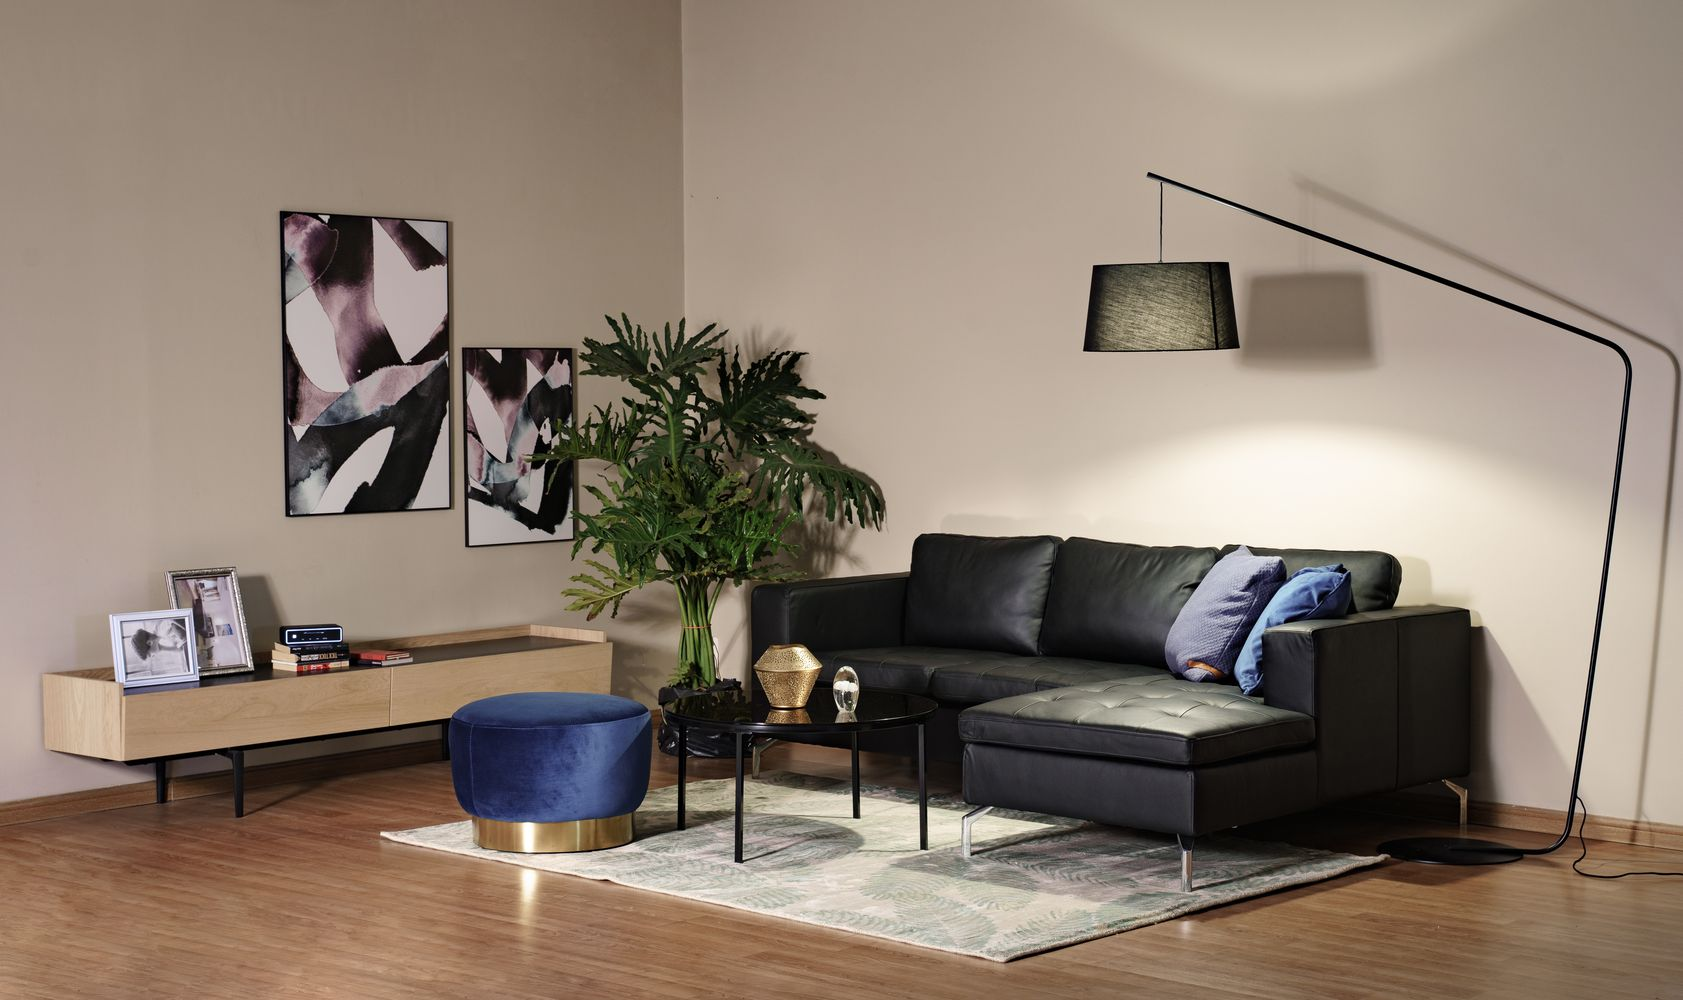 A7R01372 Edit - Da và vải - Nên chọn chất liệu nào cho sofa nhà bạn?